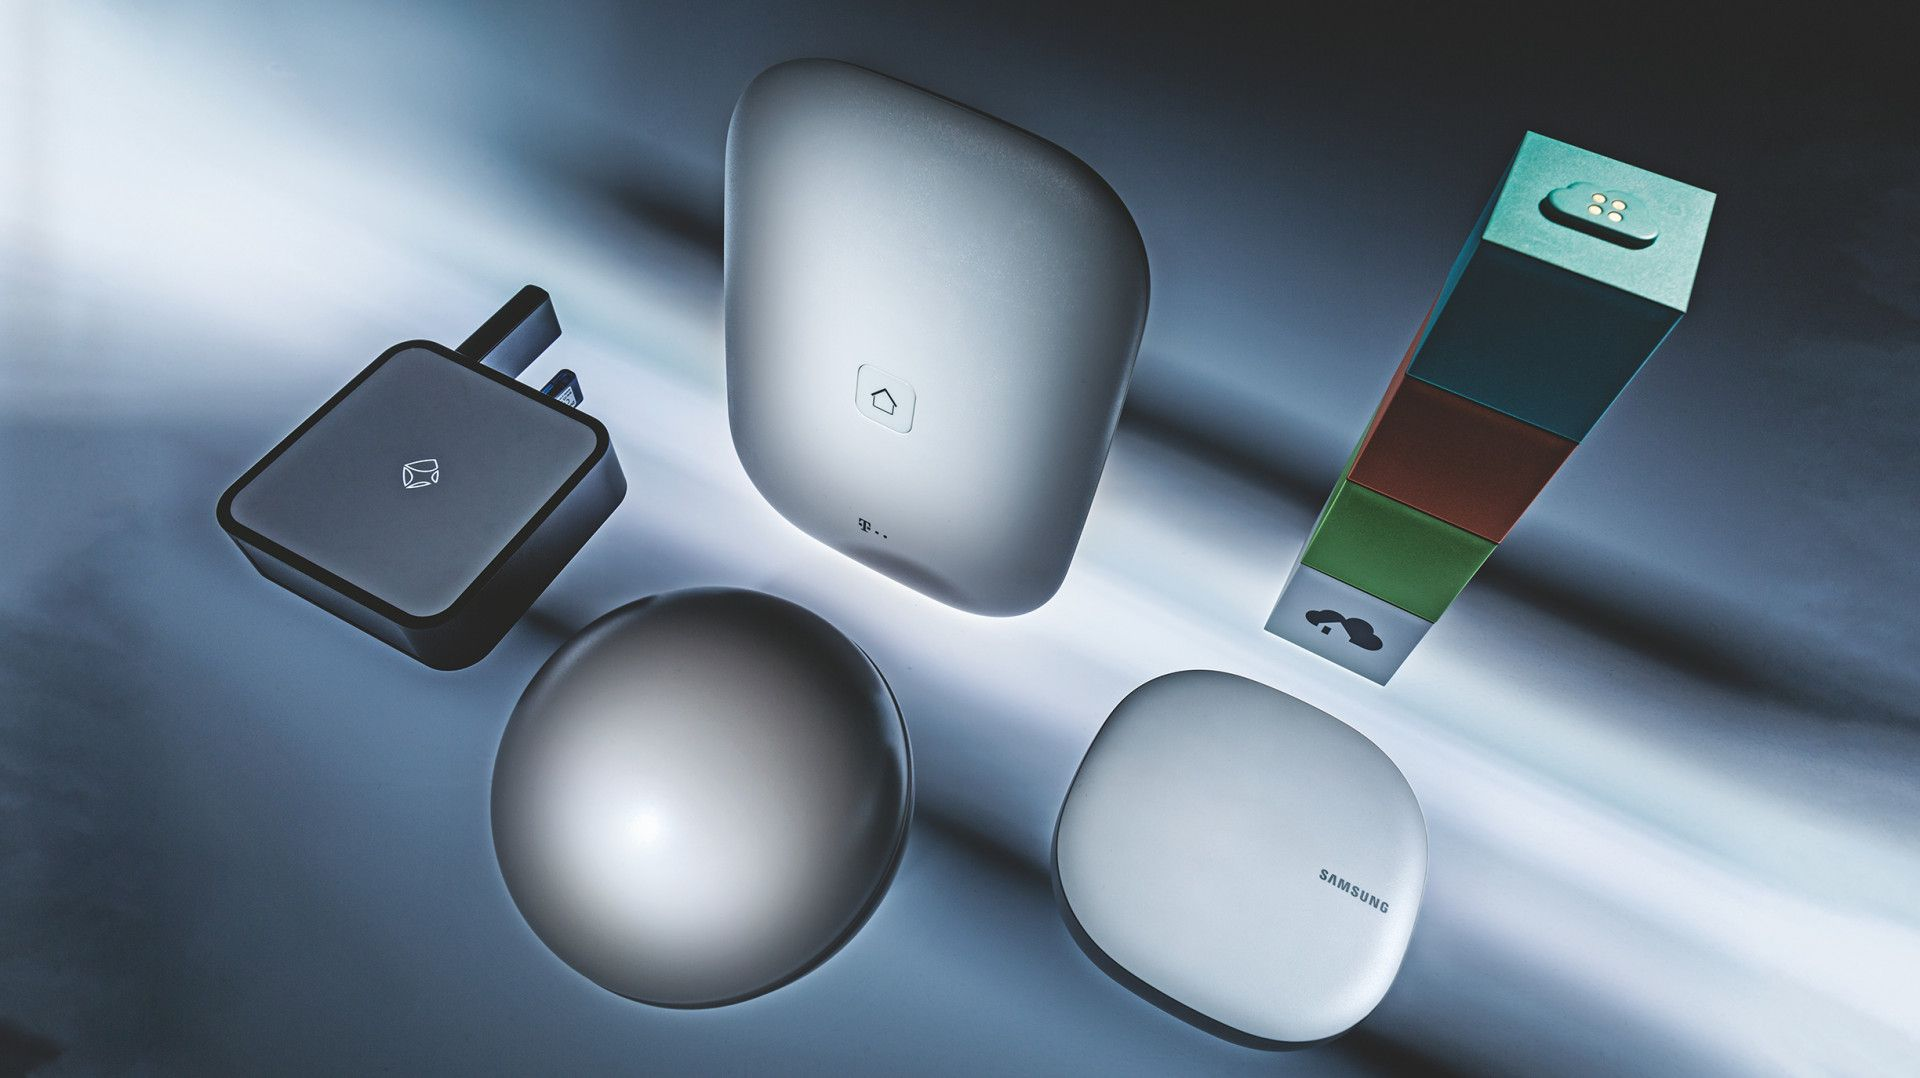 Universelle Smart Home Zentralen Zum Verbinden Von Zigbee Dect Ule Co Smart Home Zentrale Led Leuchten Und Wlan